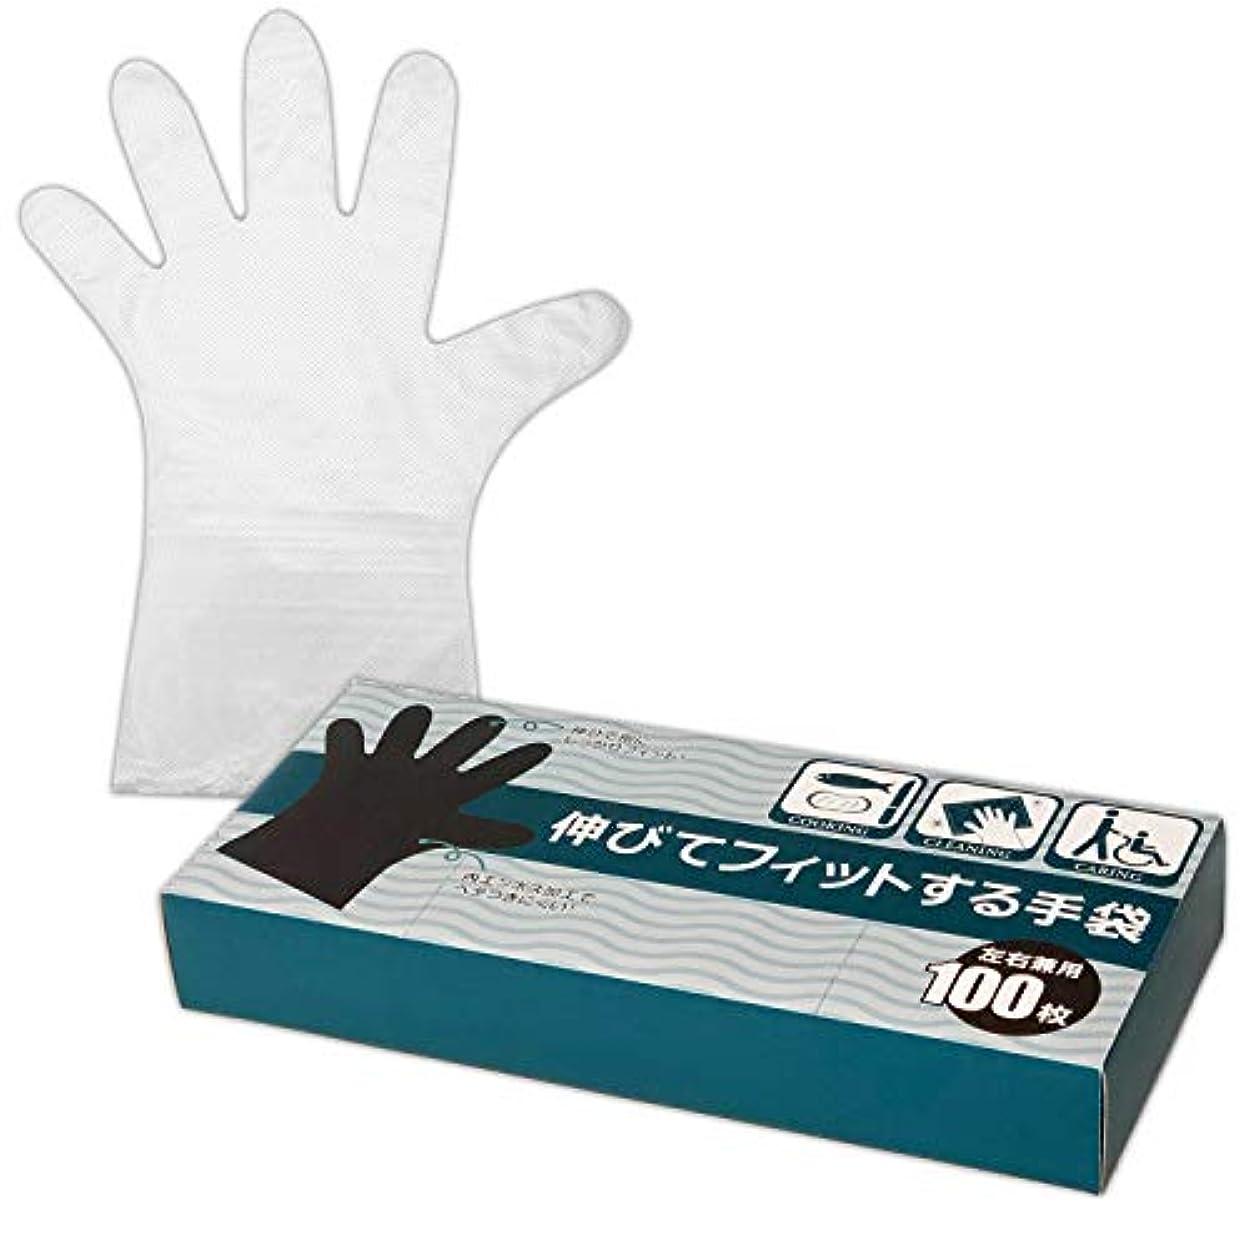 人工的な事務所邪魔する伸びてフィットする手袋 100枚入 使い捨て 作業用 キッチン 掃除 料理 介護